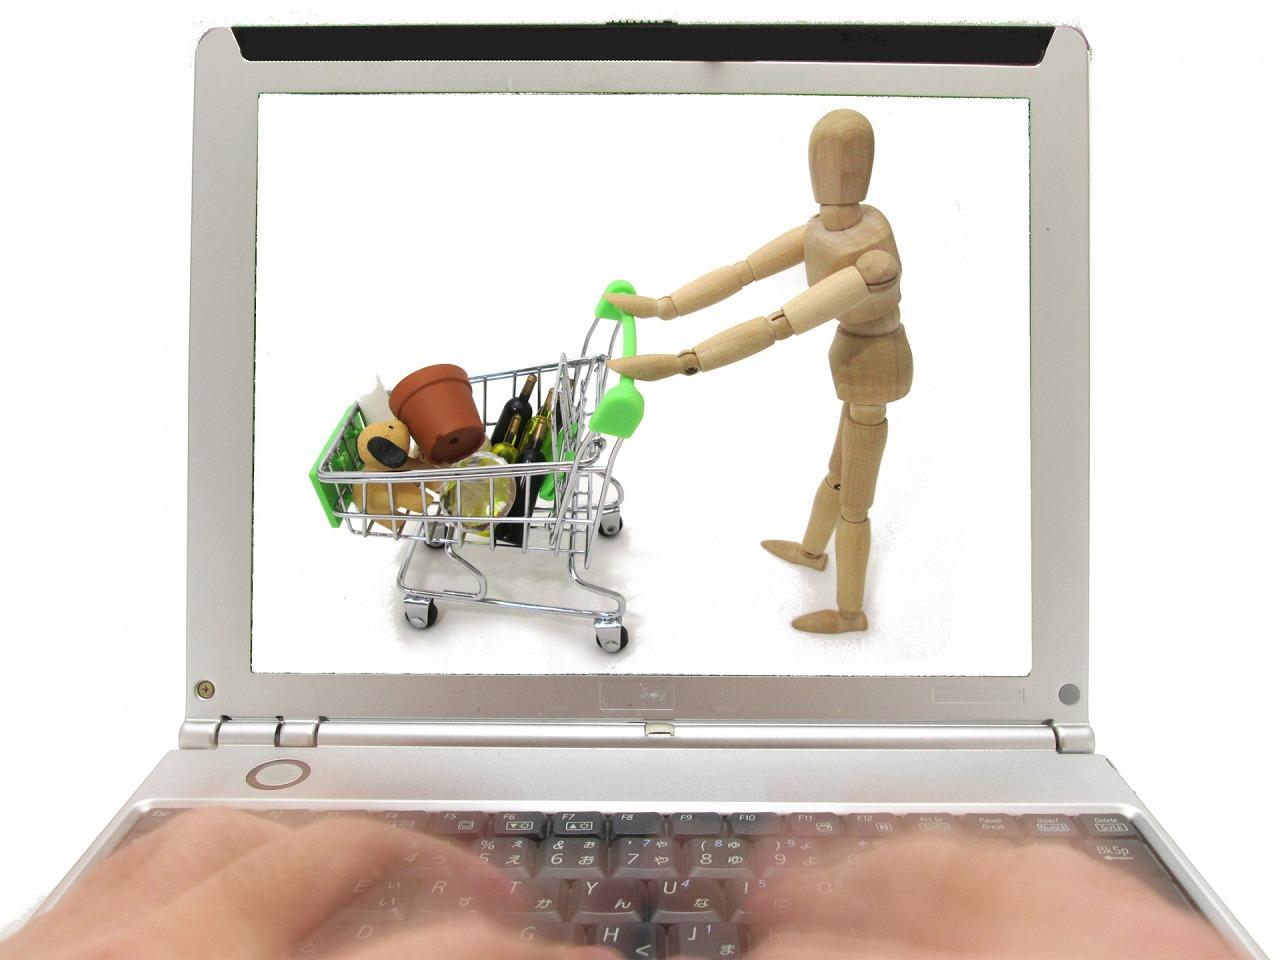 楽天市場でショッピングするイメージ画像